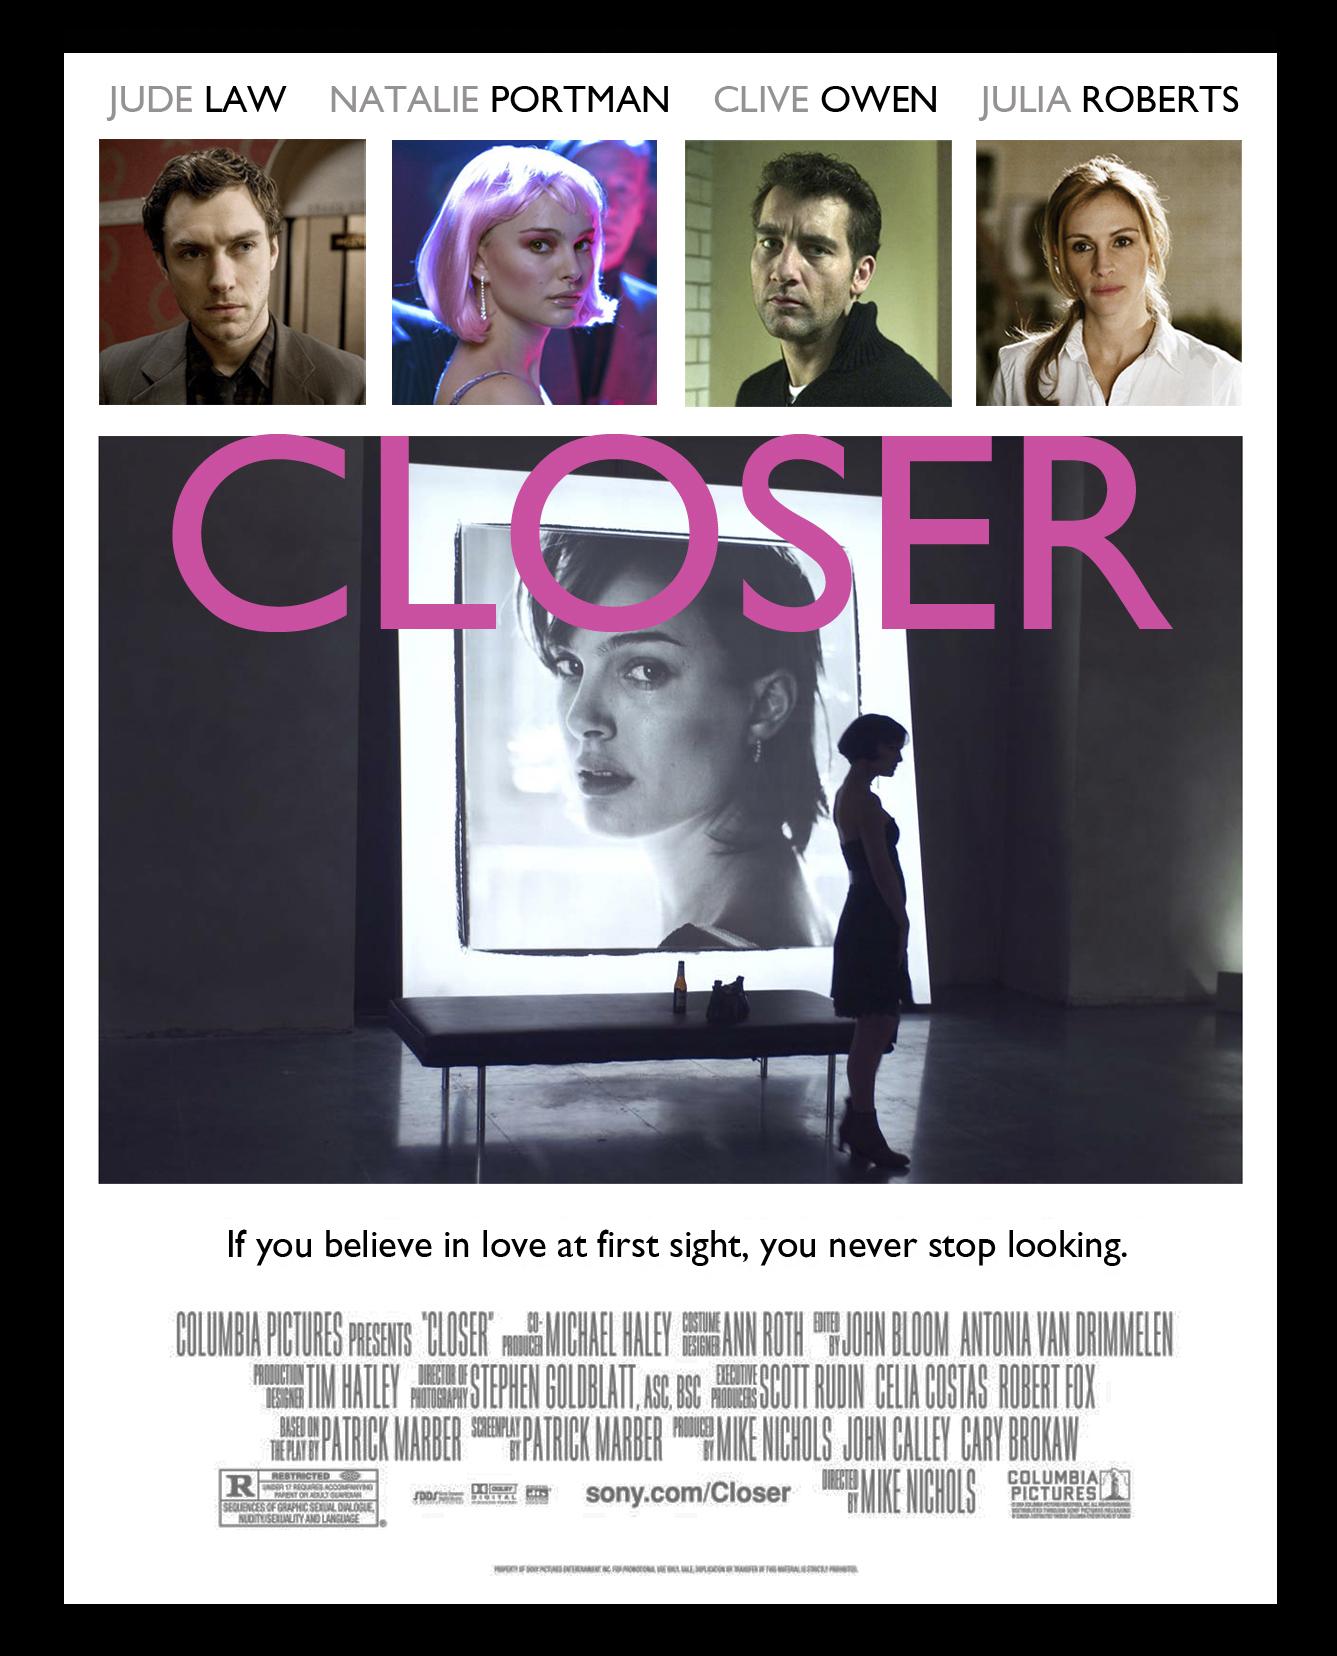 closer-poster-final-credits